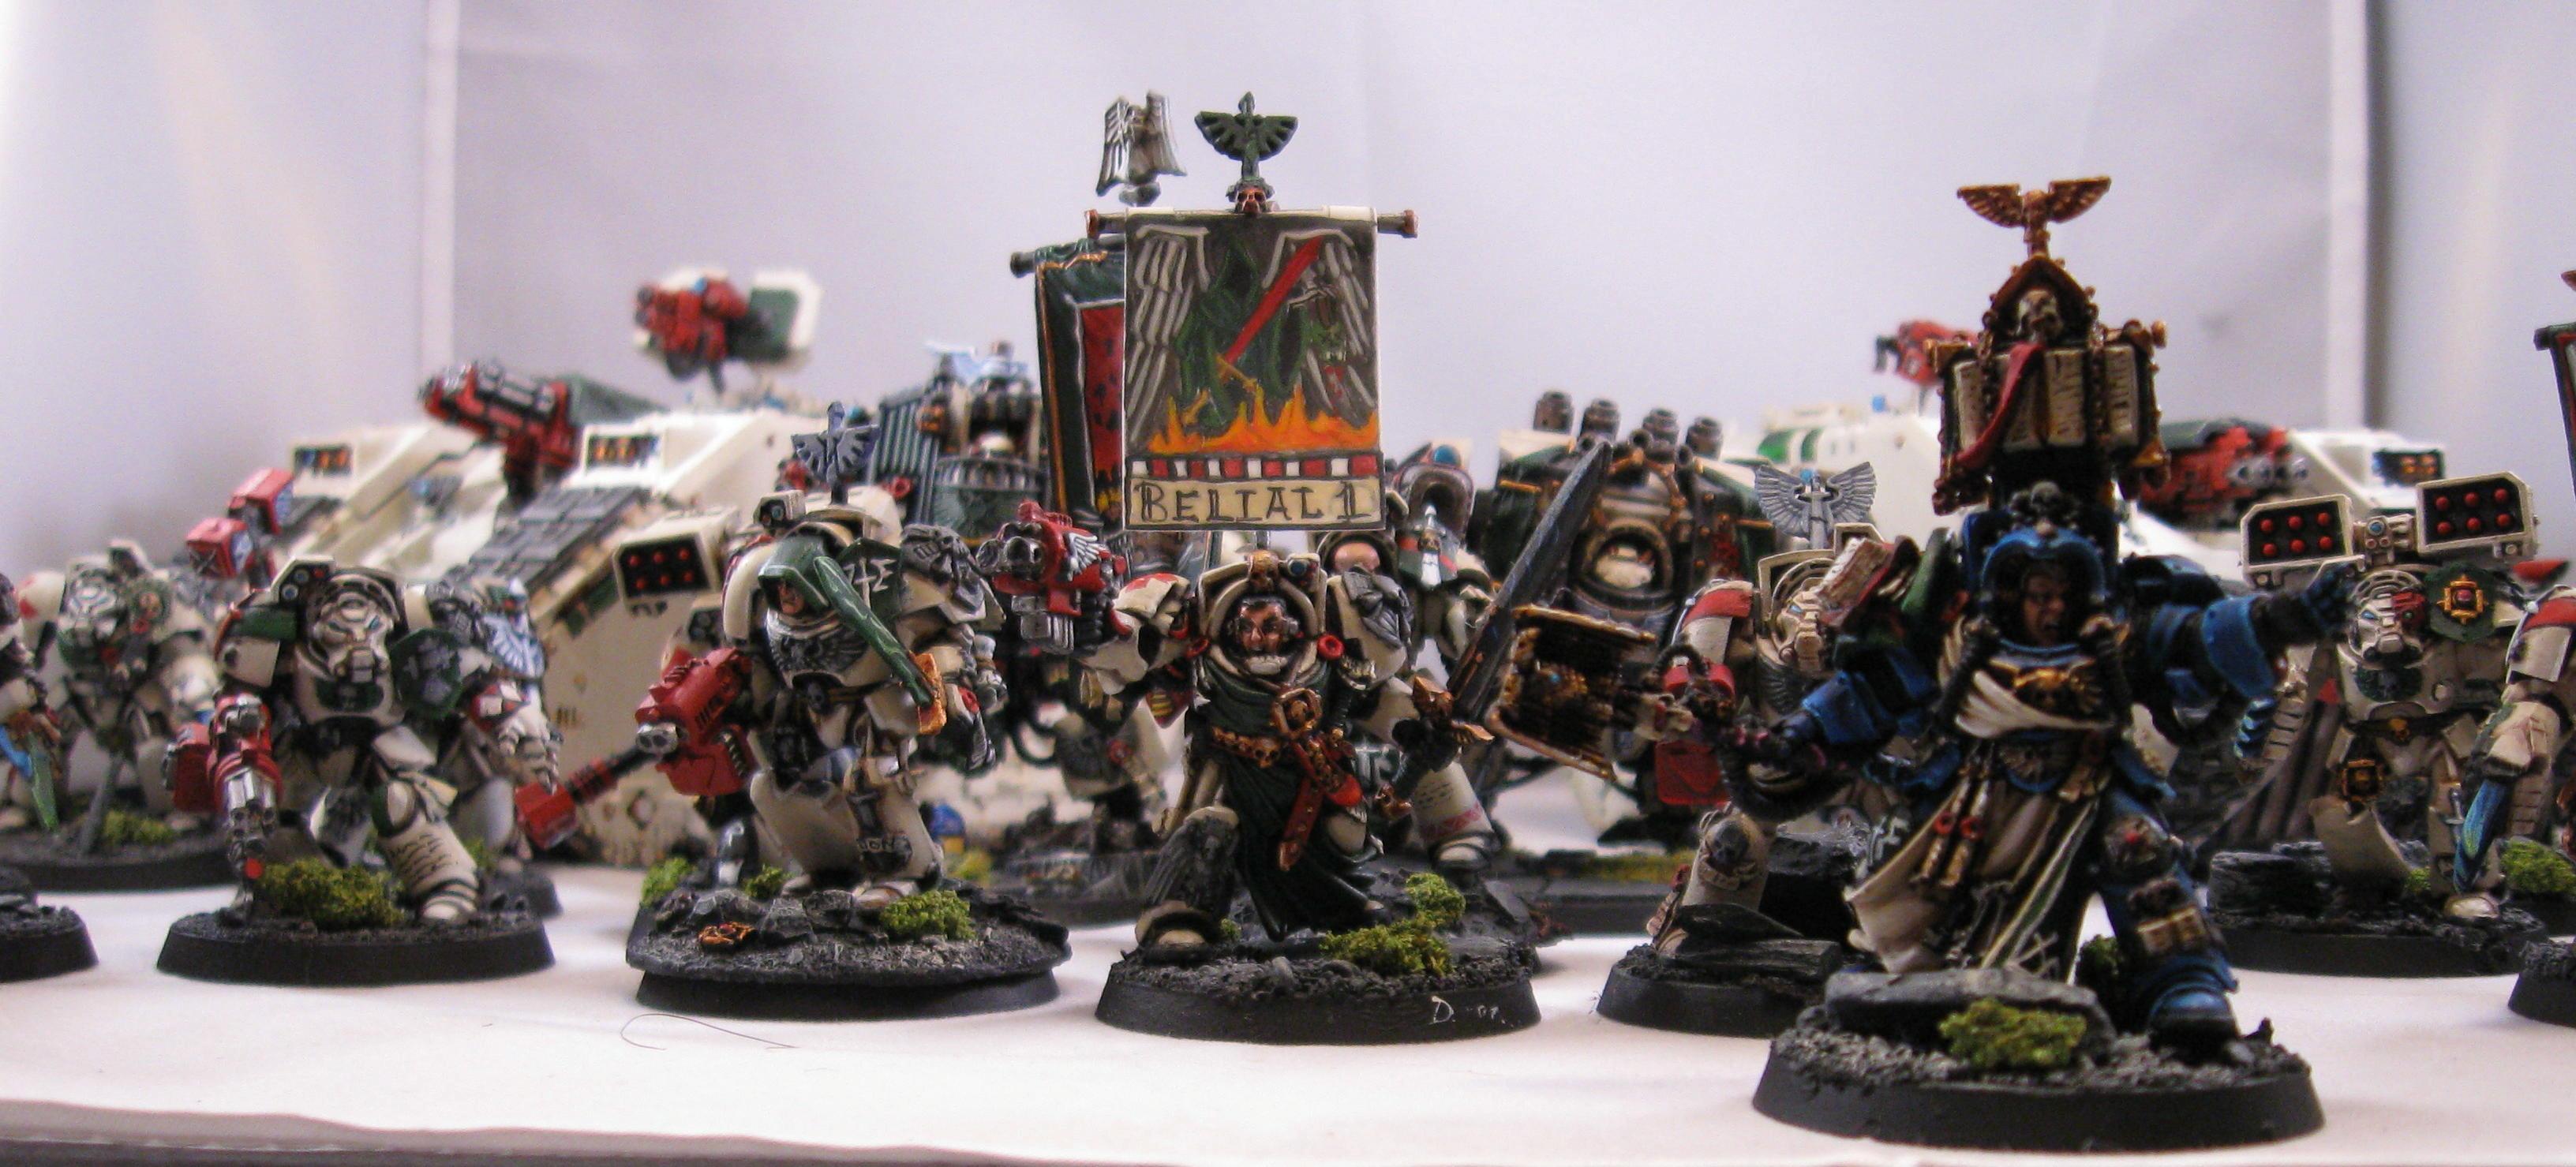 Army, Banner, Dark Angels, Deathwing, Space Marines, Terminator Armor, Warhammer 40,000